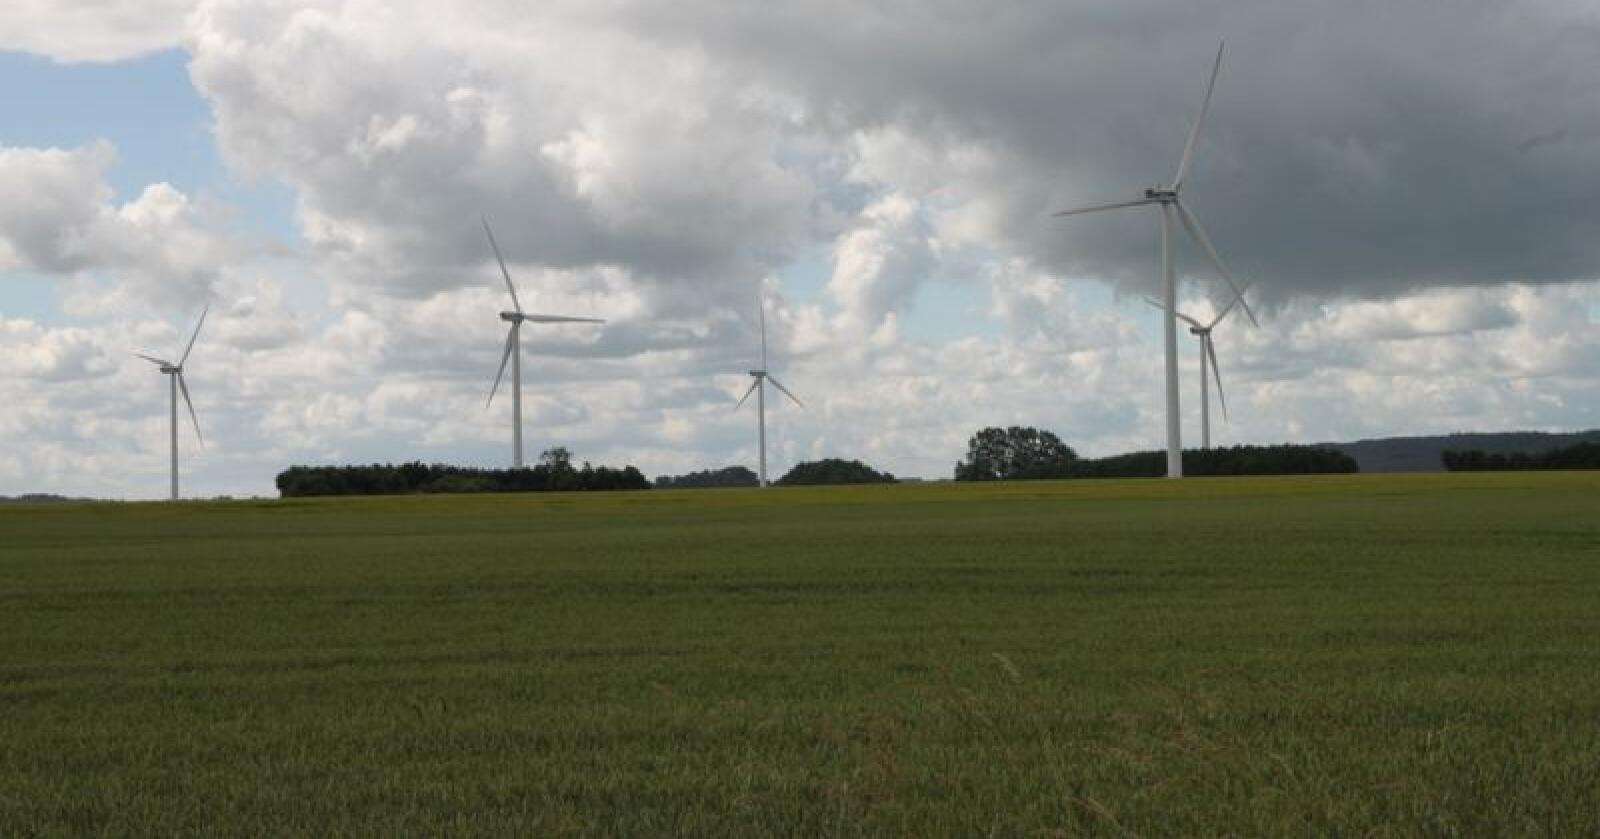 Ikke-kvotepliktig sektor i Danmark, herunder jordbruket, skal kutte klimagassutslipp i nesten samme omfang som Norge. Bildet er tatt på Jylland i Danmark. Foto: Øystein Heggdal